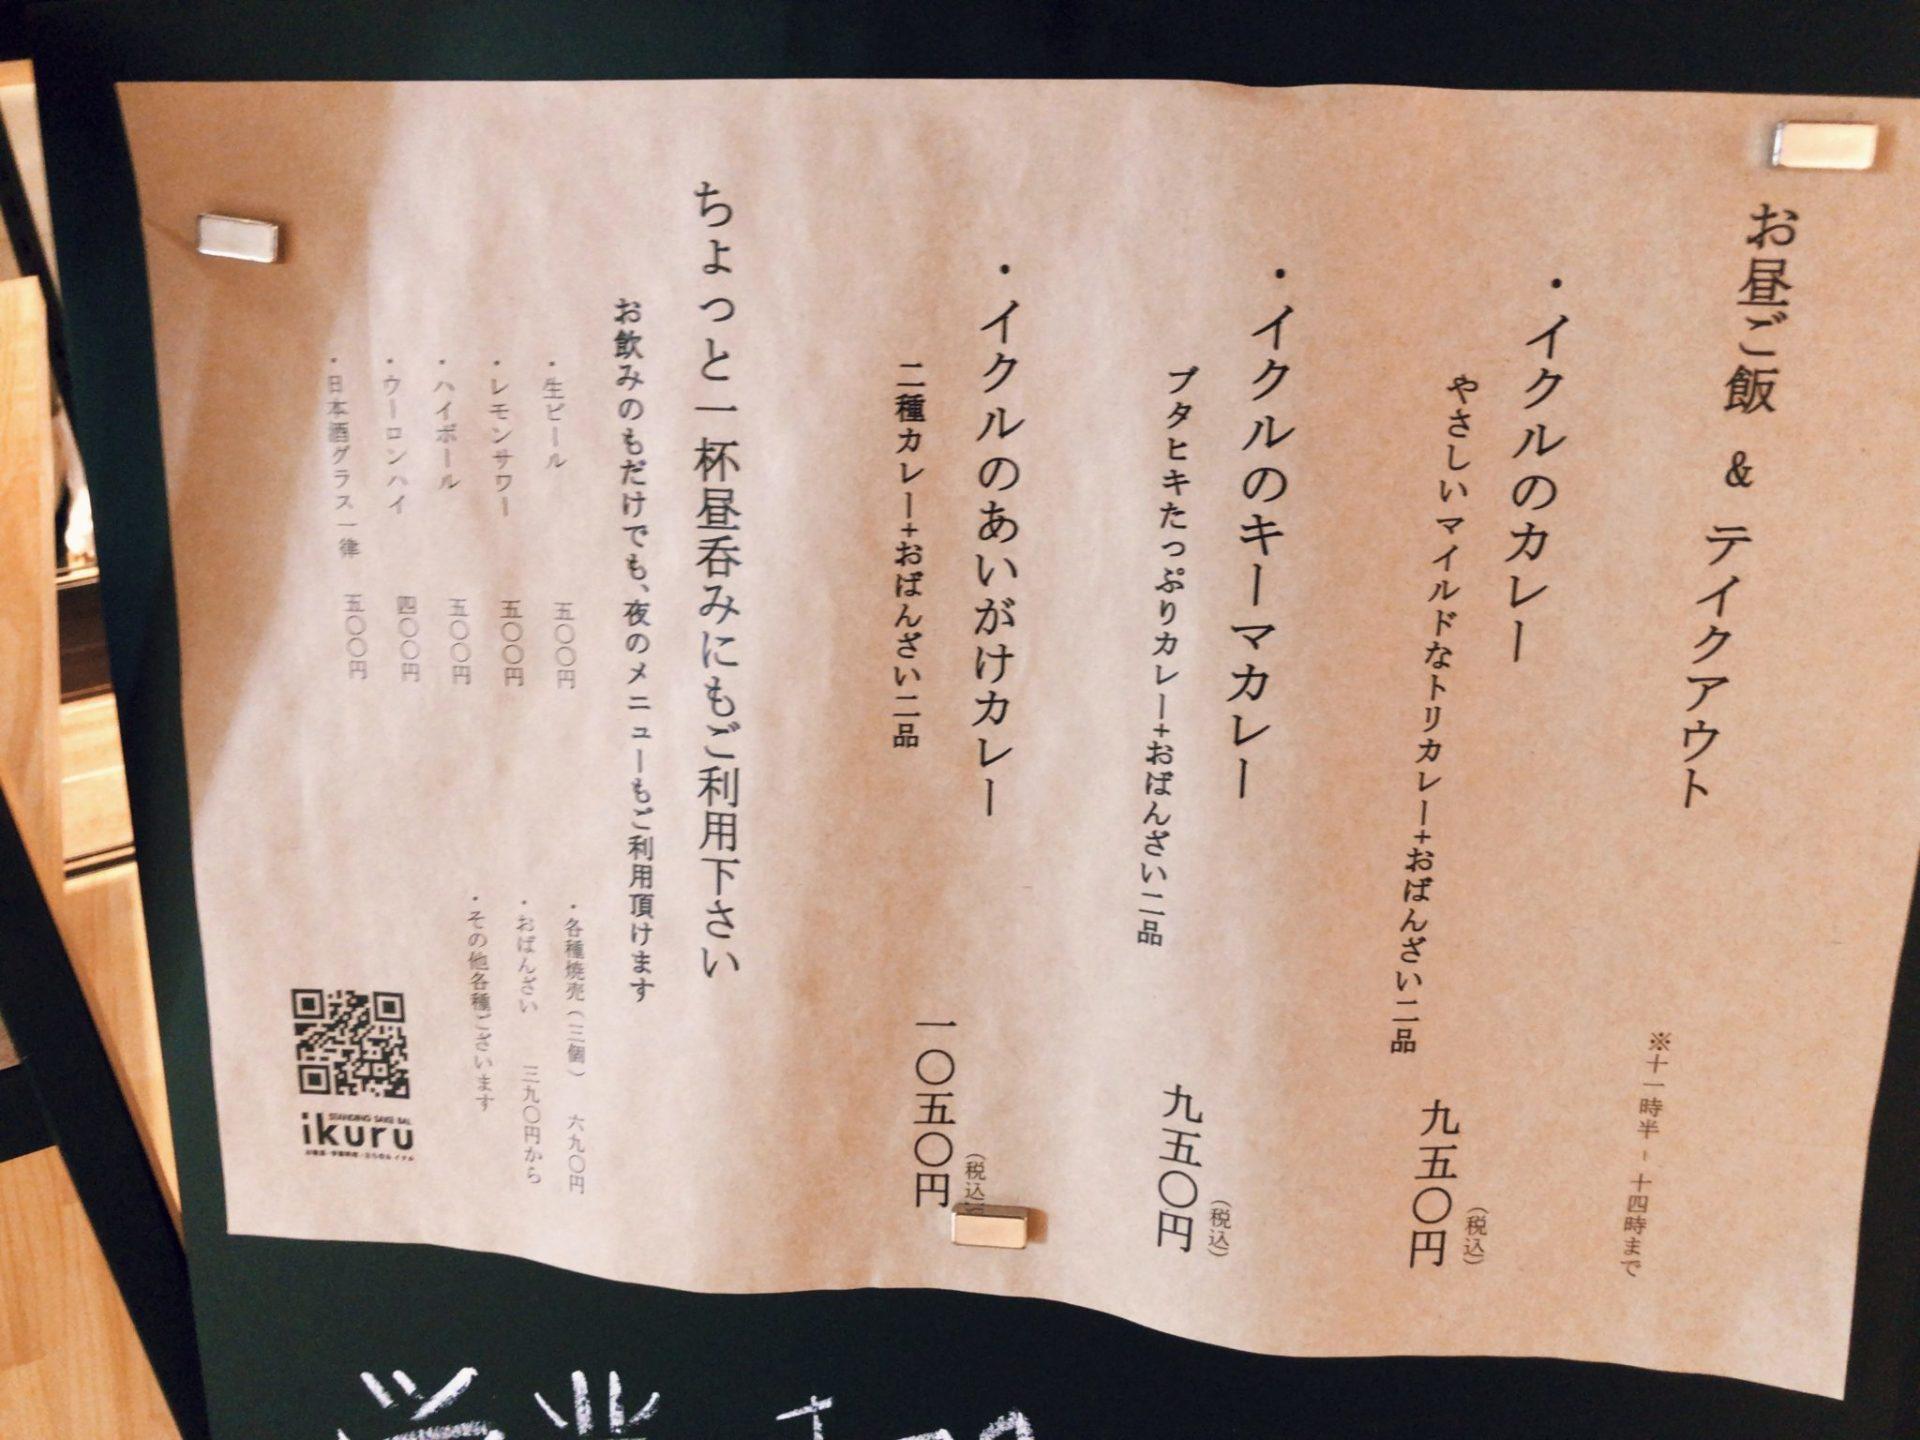 ikuru(イクル)原宿店のランチメニュー・テイクアウト